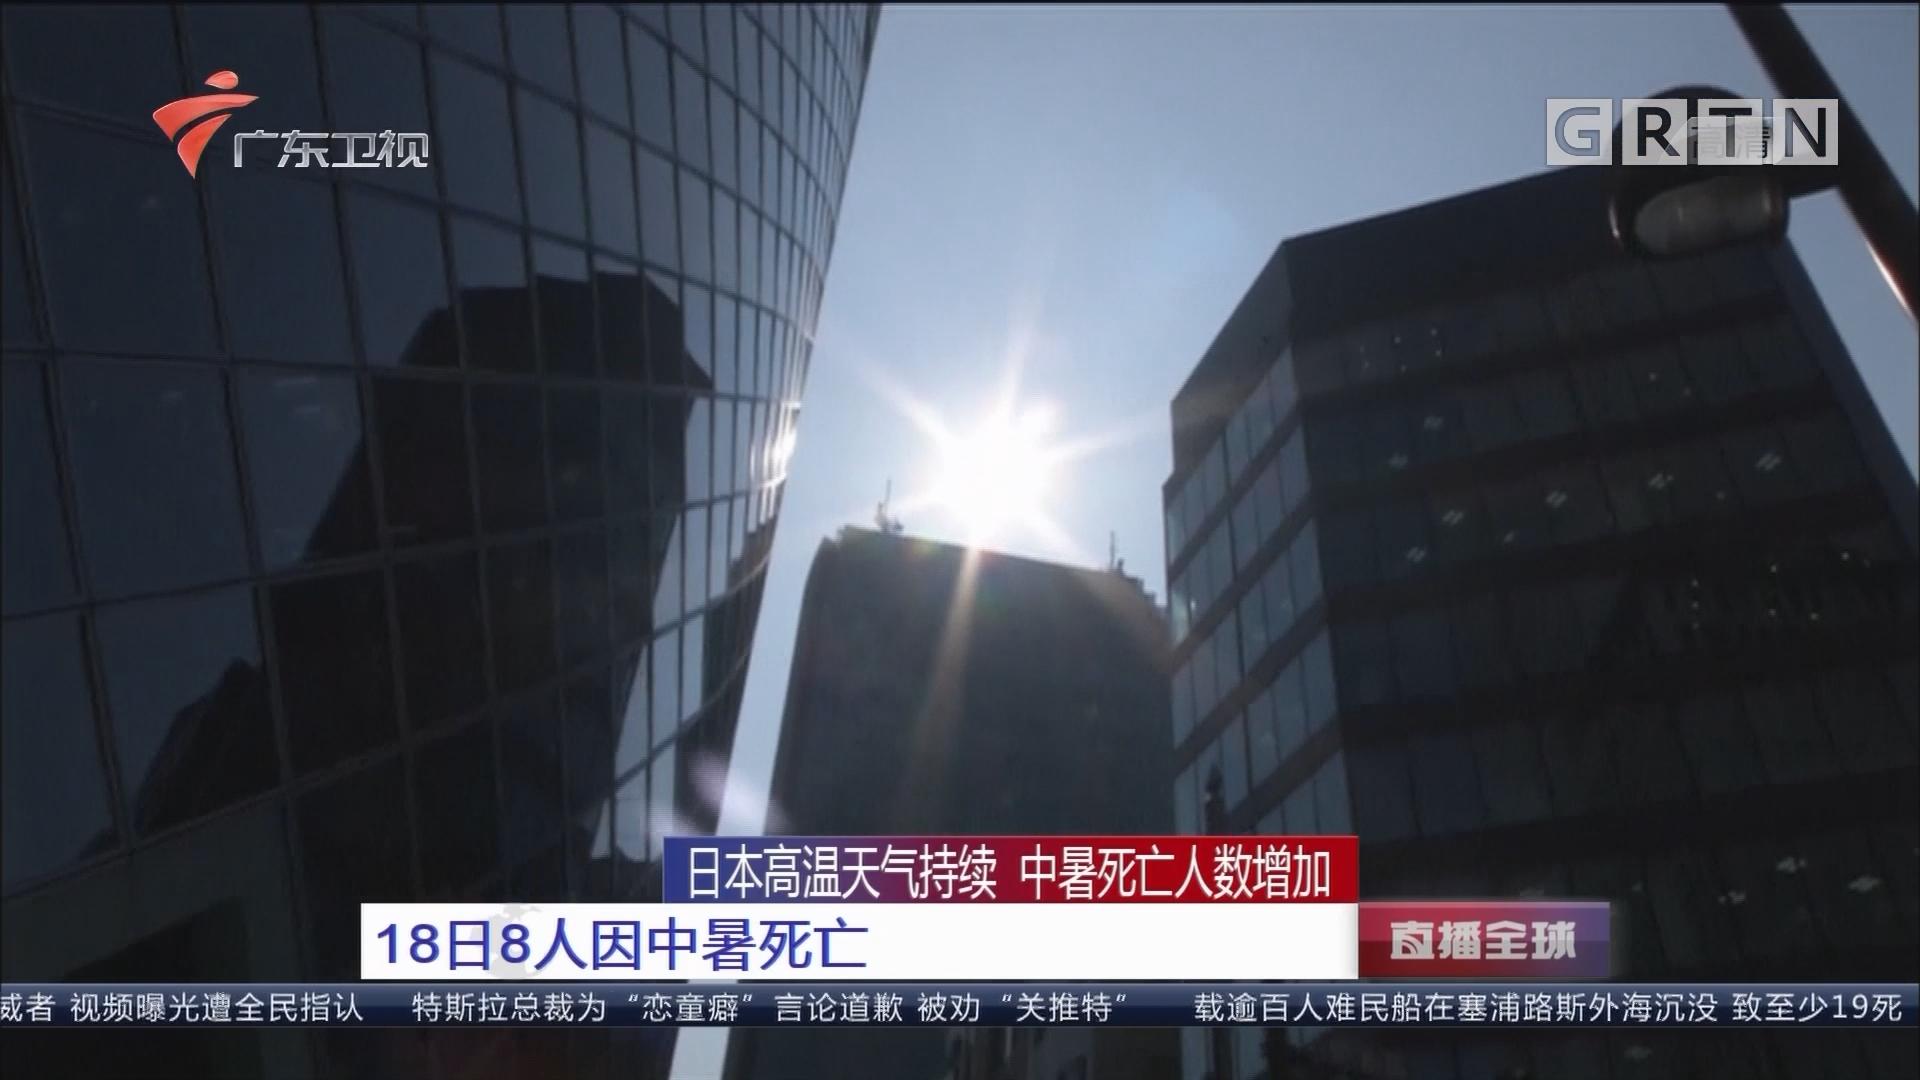 日本高温天气持续 中暑死亡人数增加 18日8人因中暑死亡